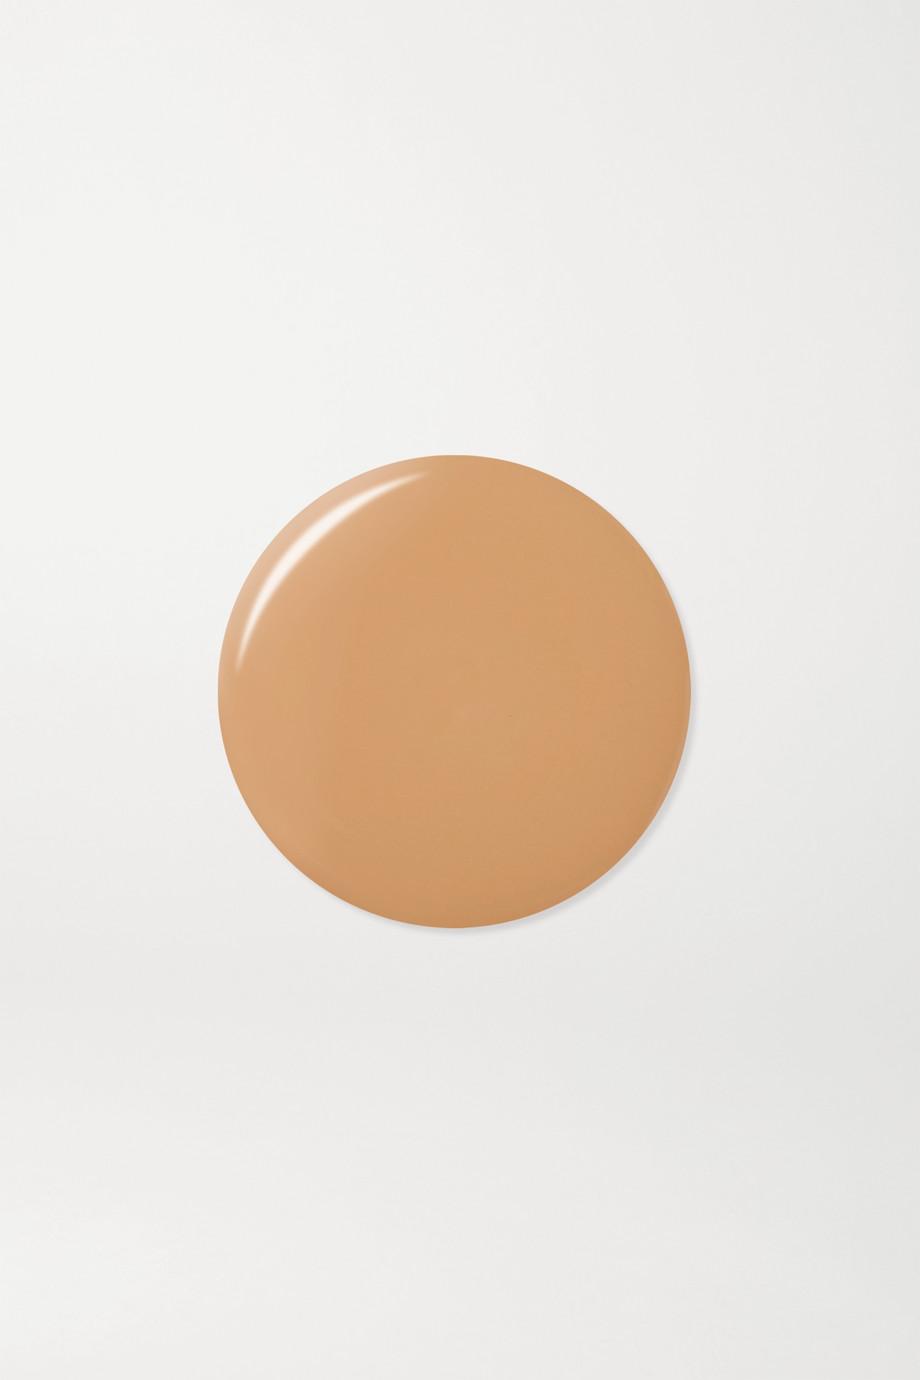 Kosas Tinted Face Oil, 30ml - 3.5